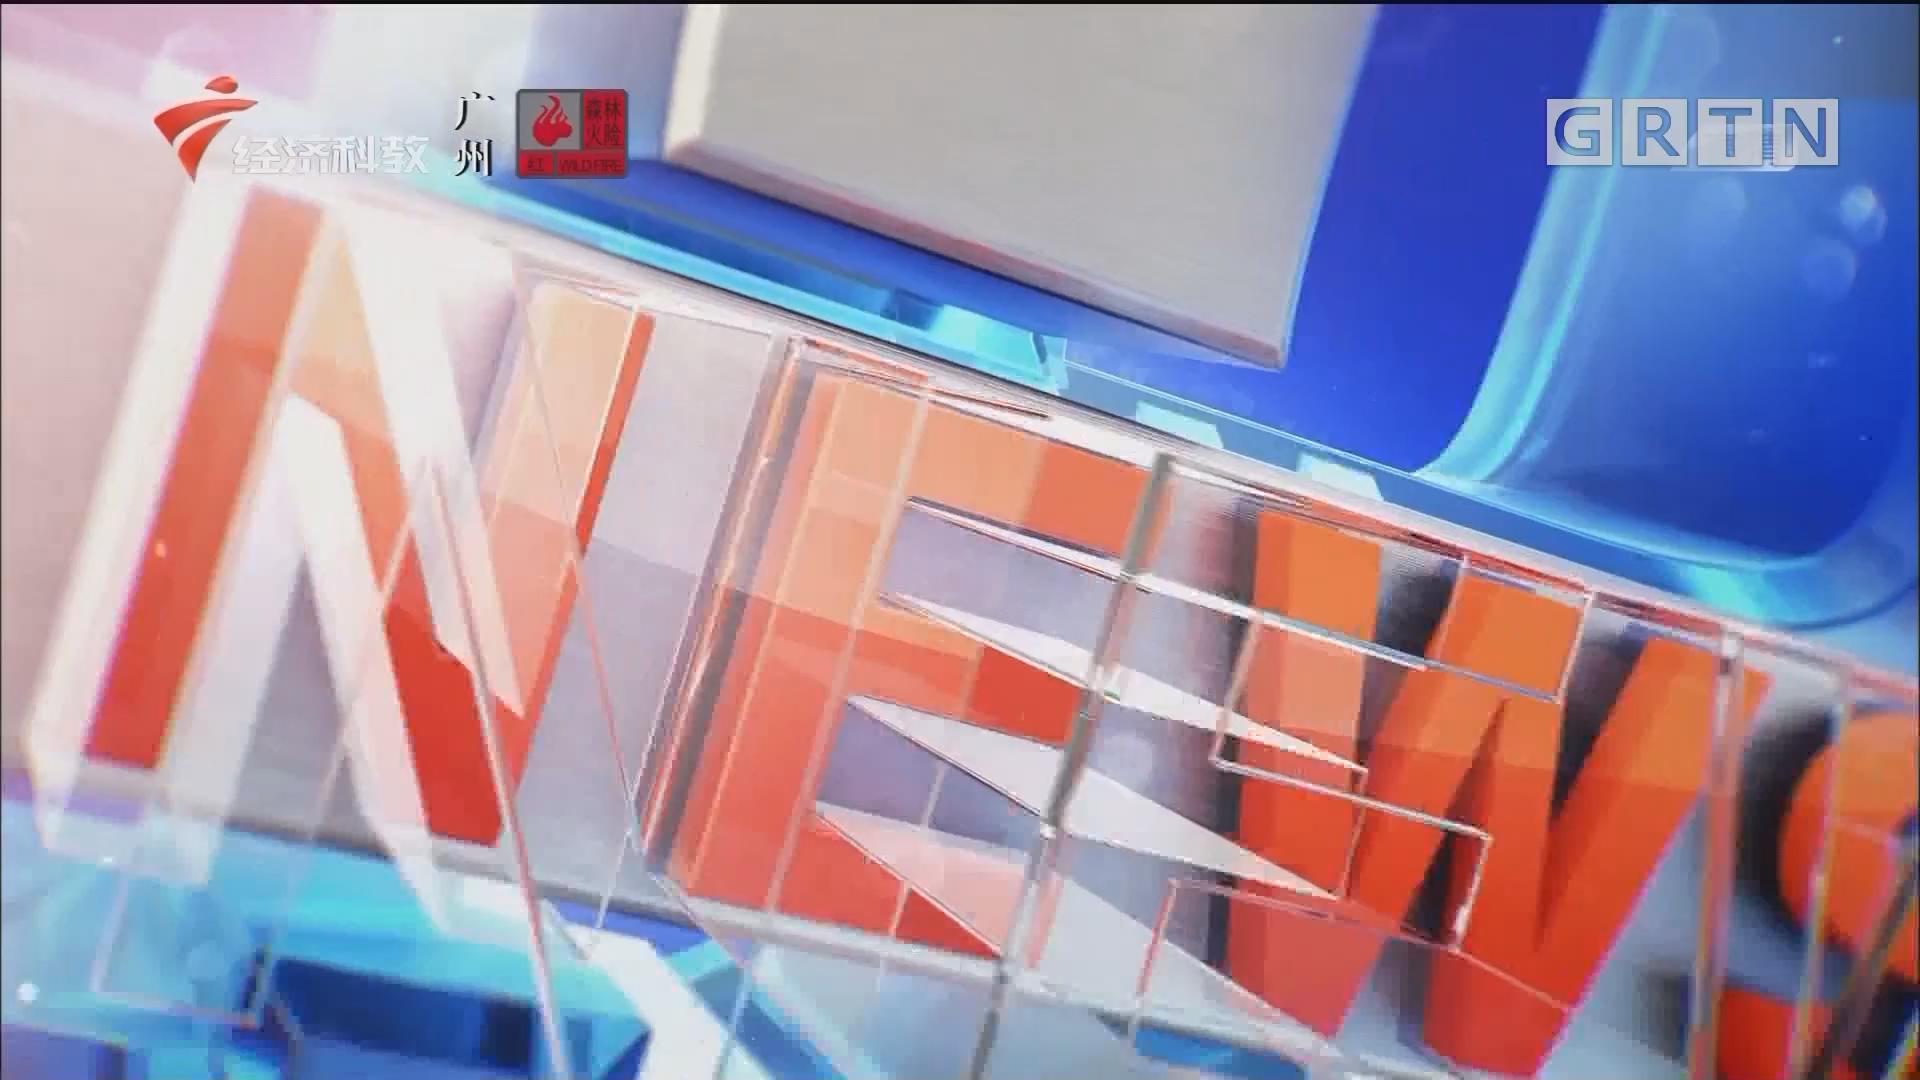 [HD][2020-01-20]南方财经报道:2019年广东外贸稳中提质 规模继续稳居全国第一